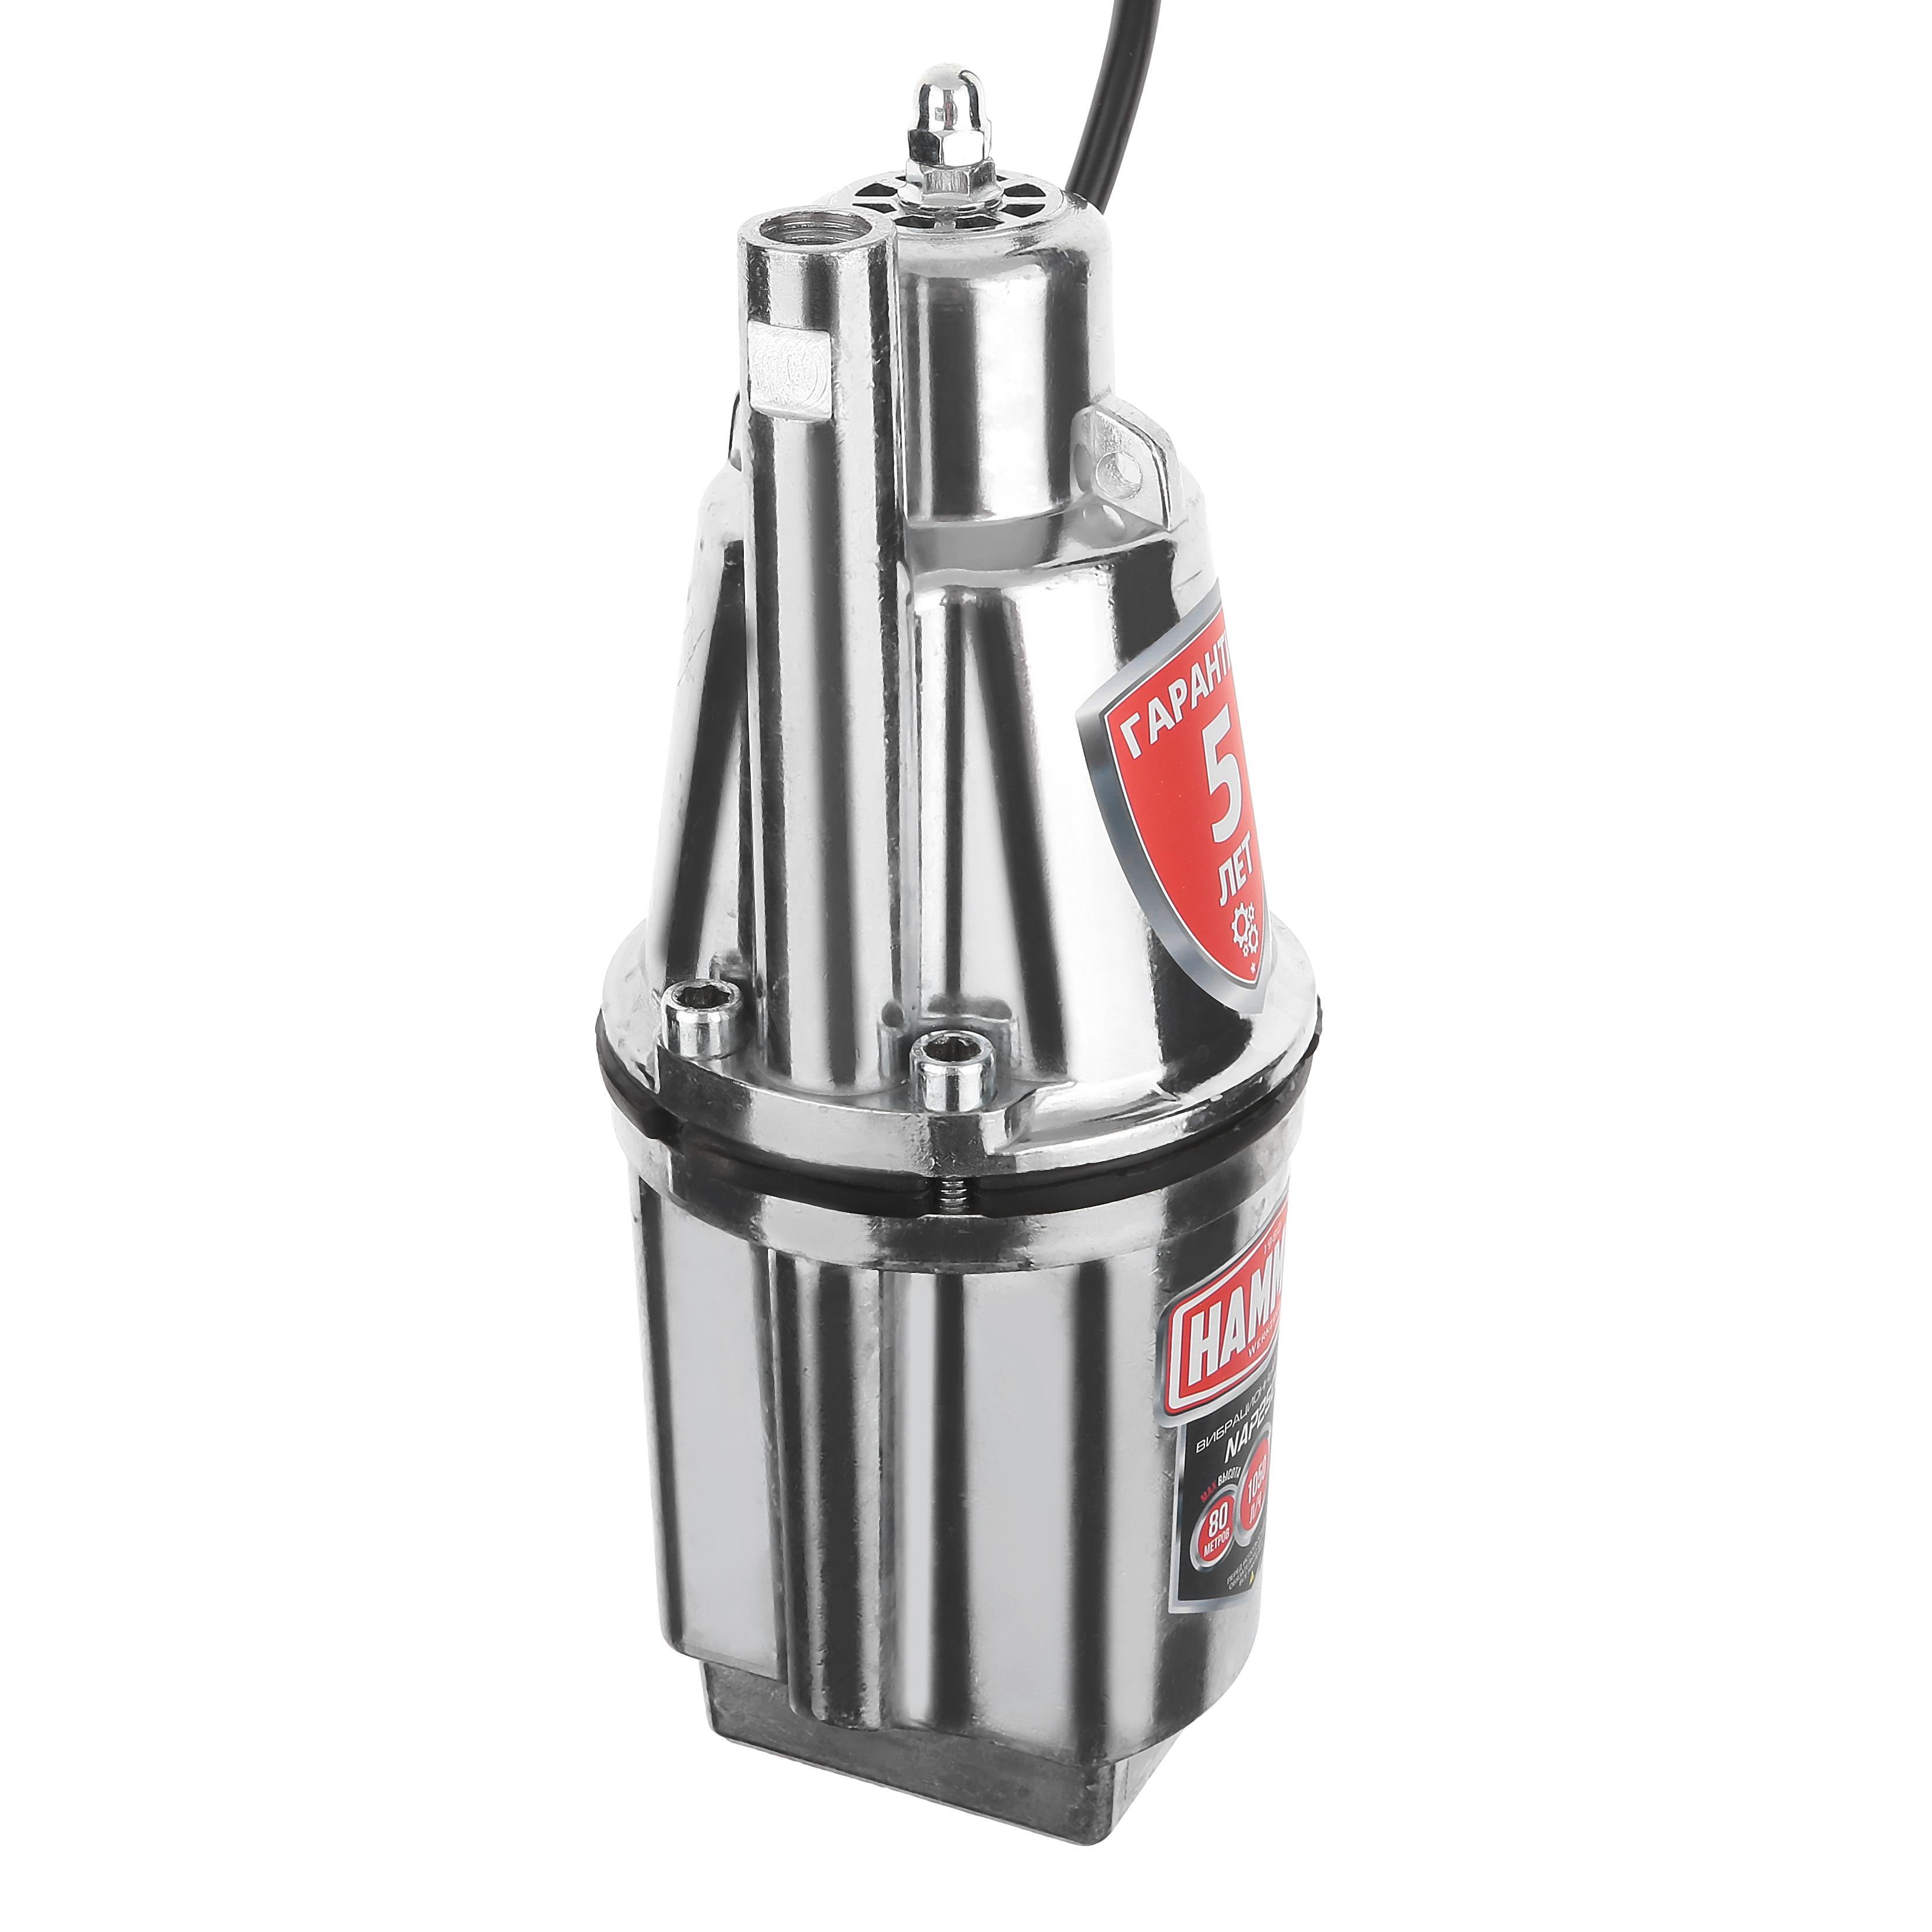 Вибрационный насос Hammer Nap250u(10) цена и фото